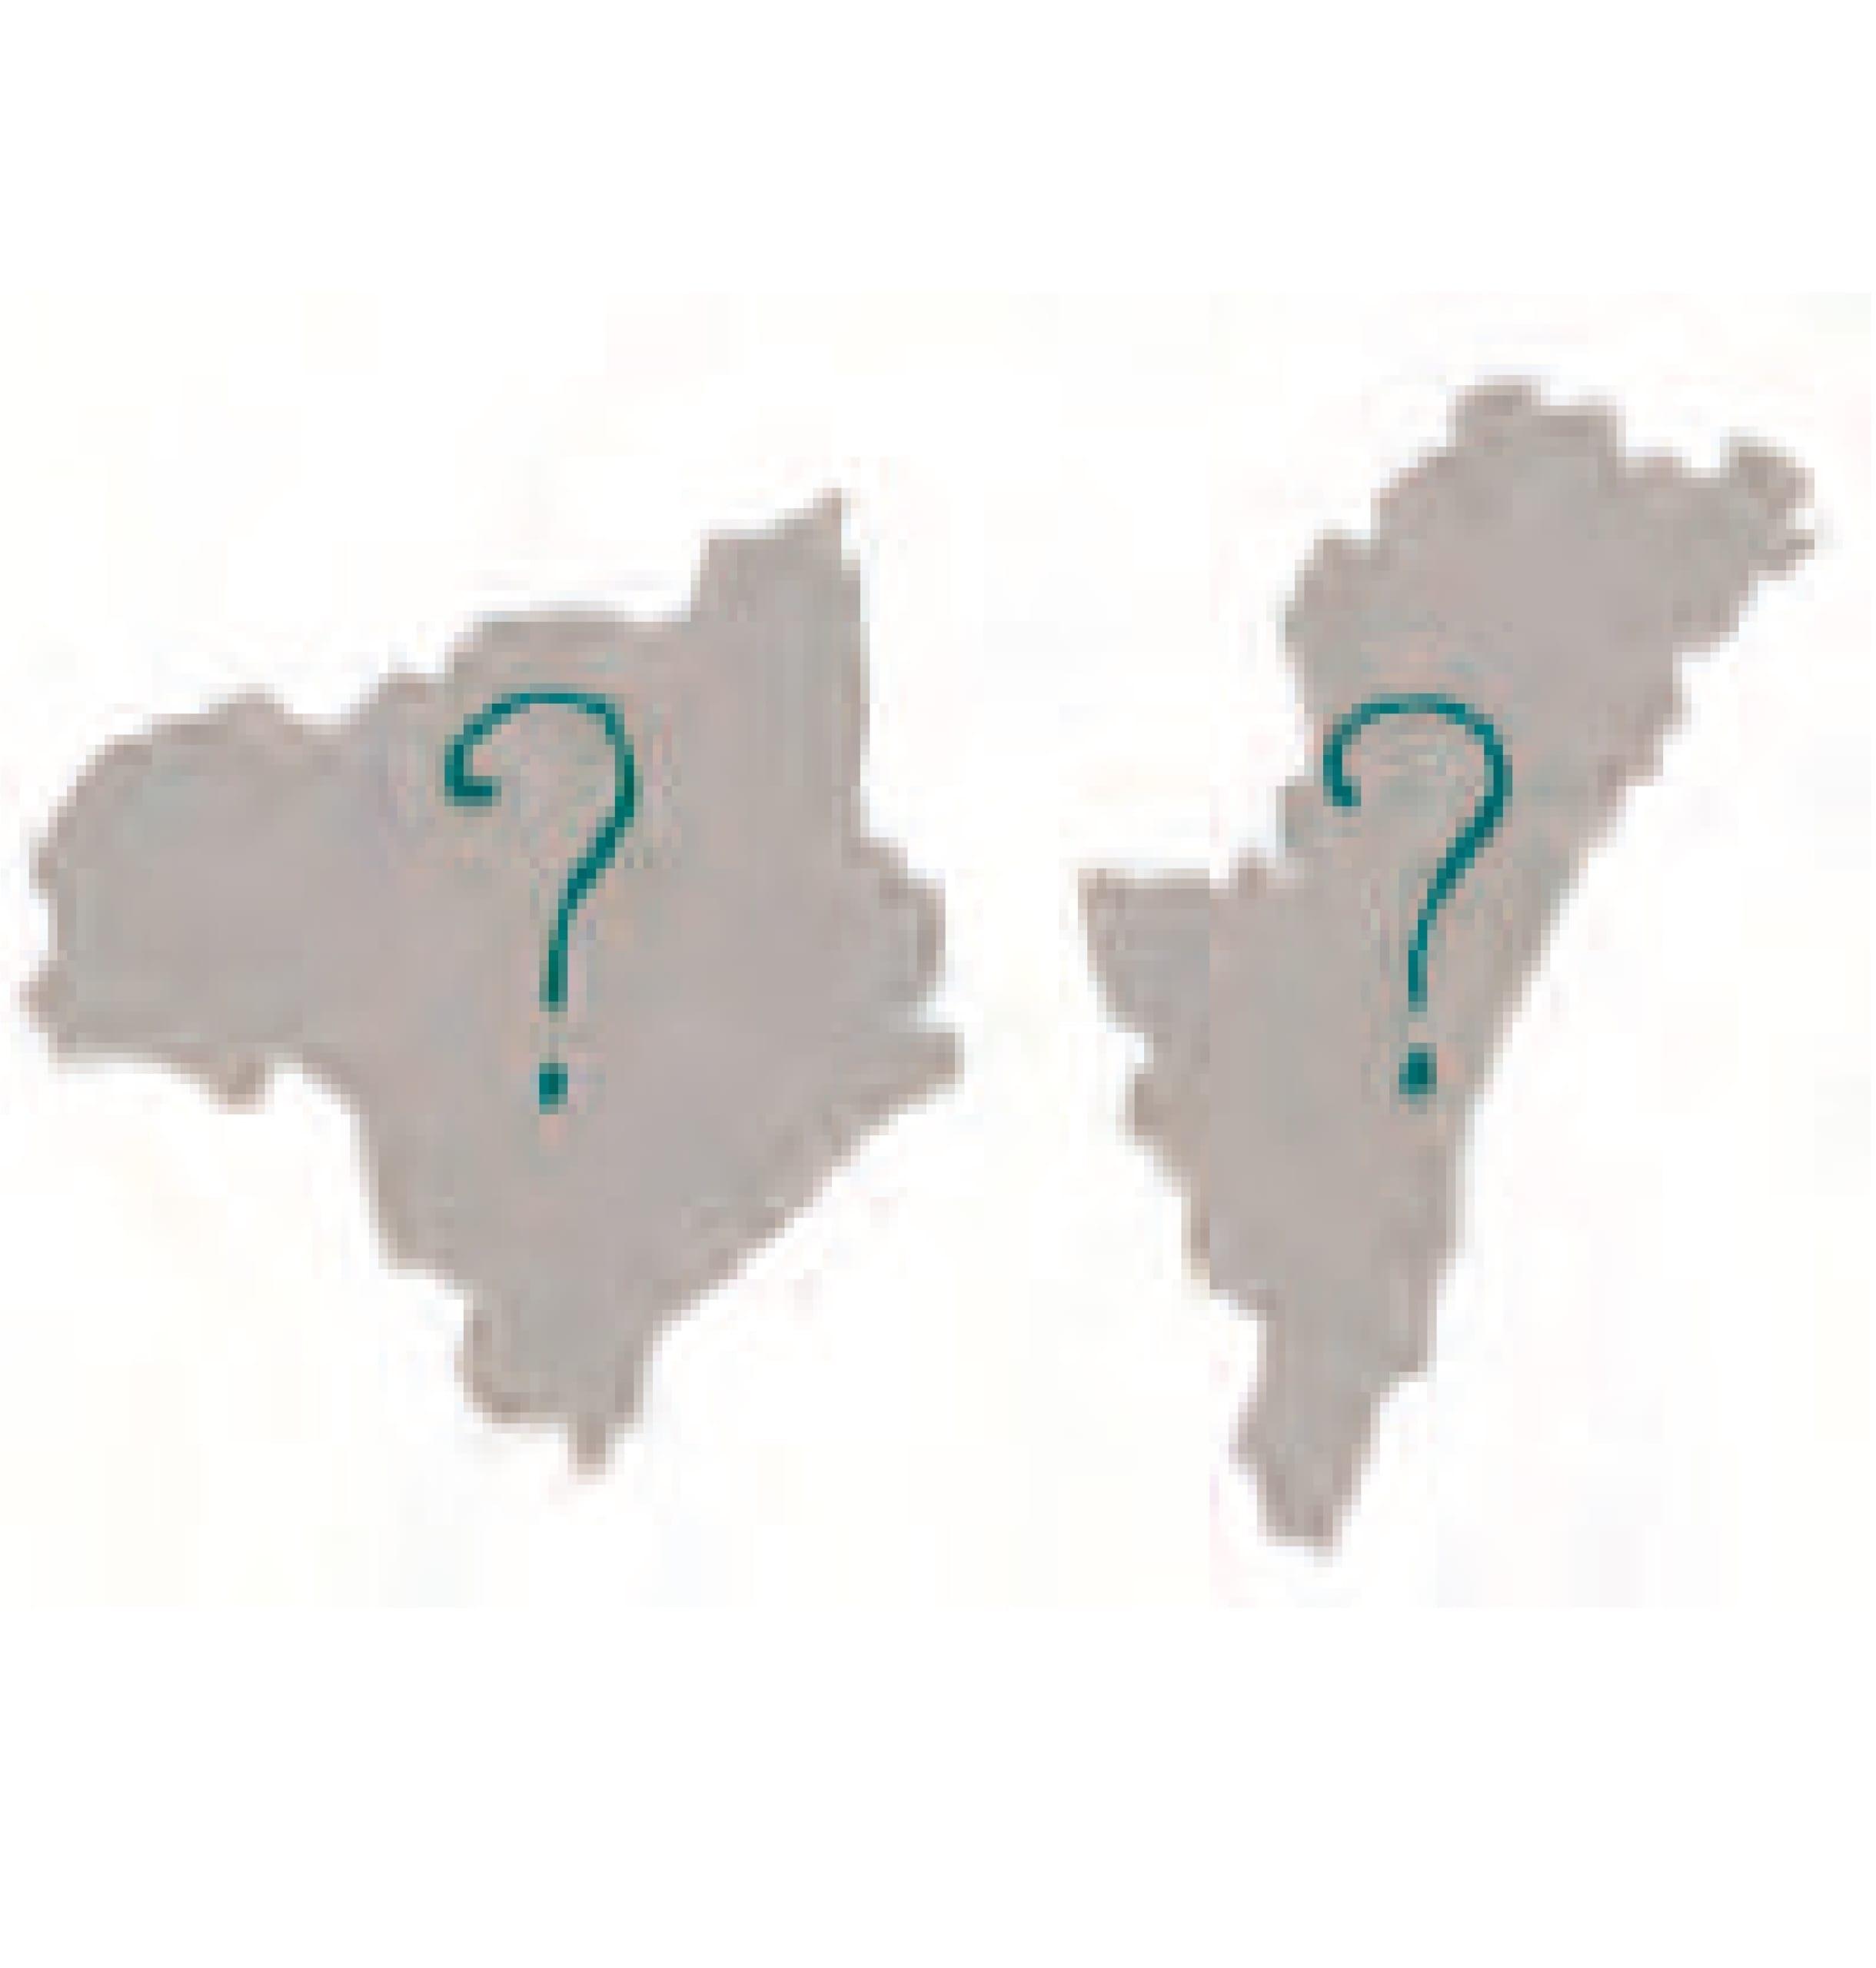 日本でたった2県! 国宝が1件もない都道府県はどことどこ?